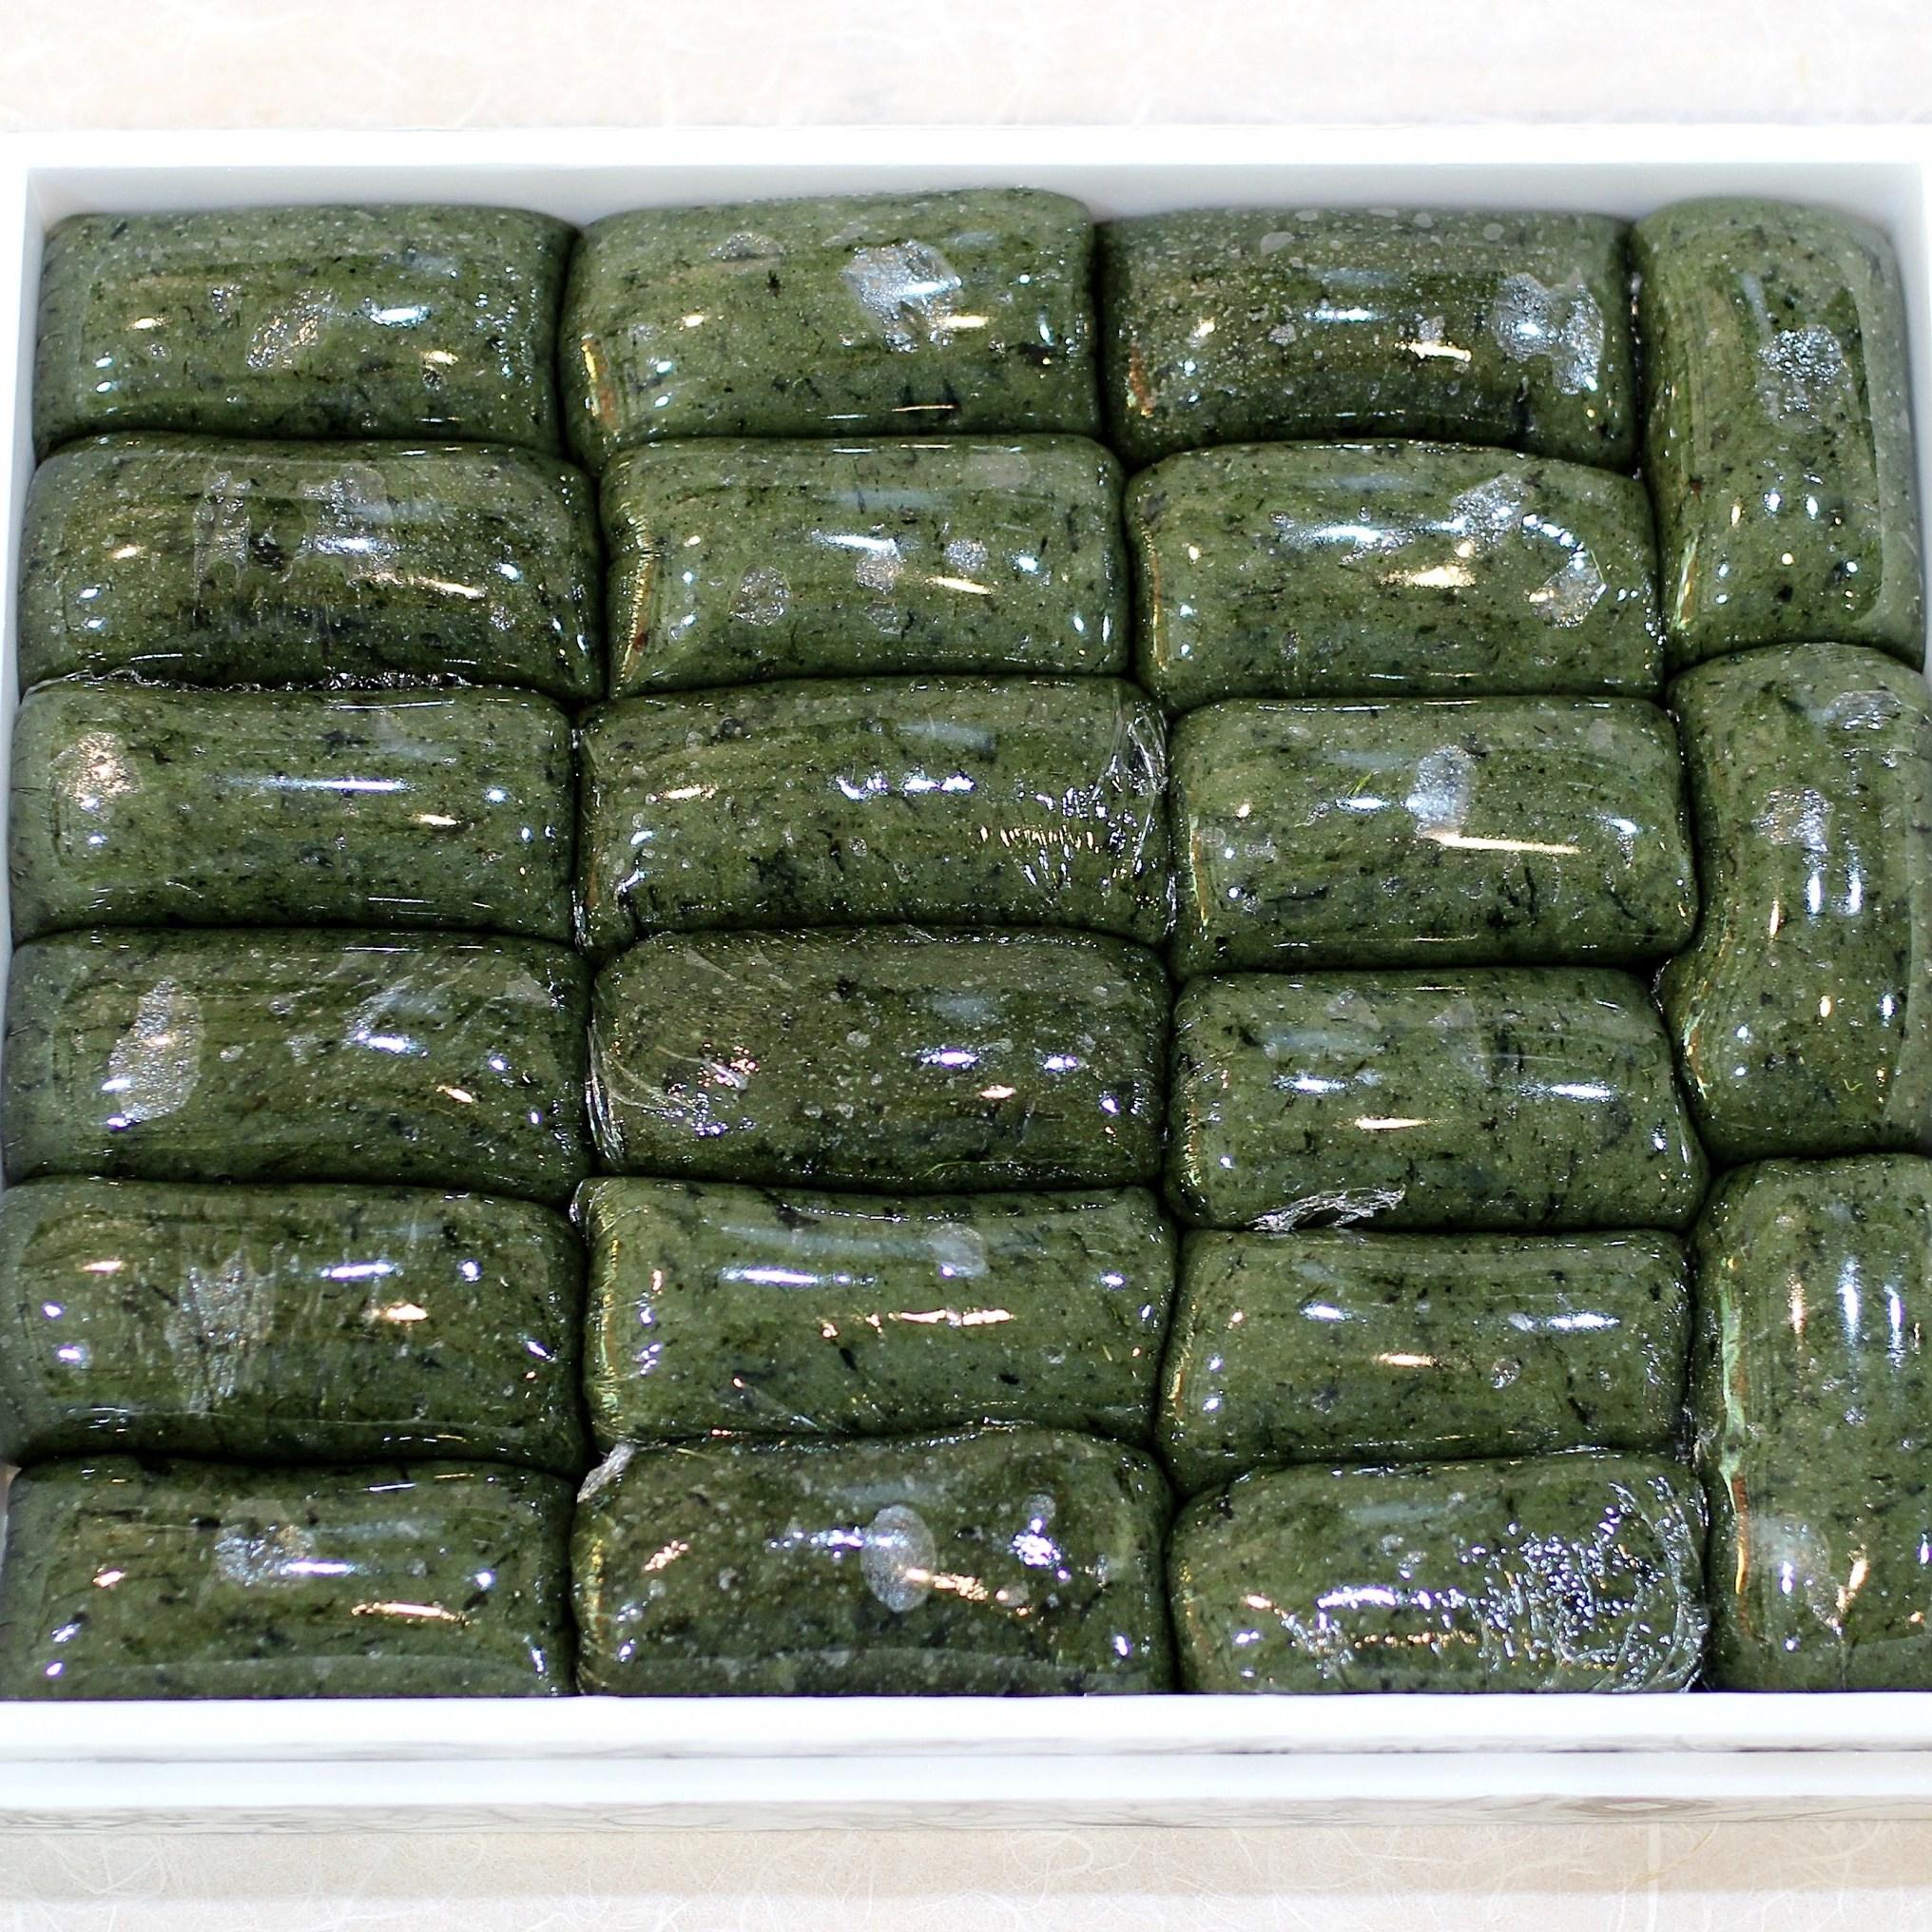 [약손떡방] 식대용 쑥현미 인절미, 1box, 2.4kg